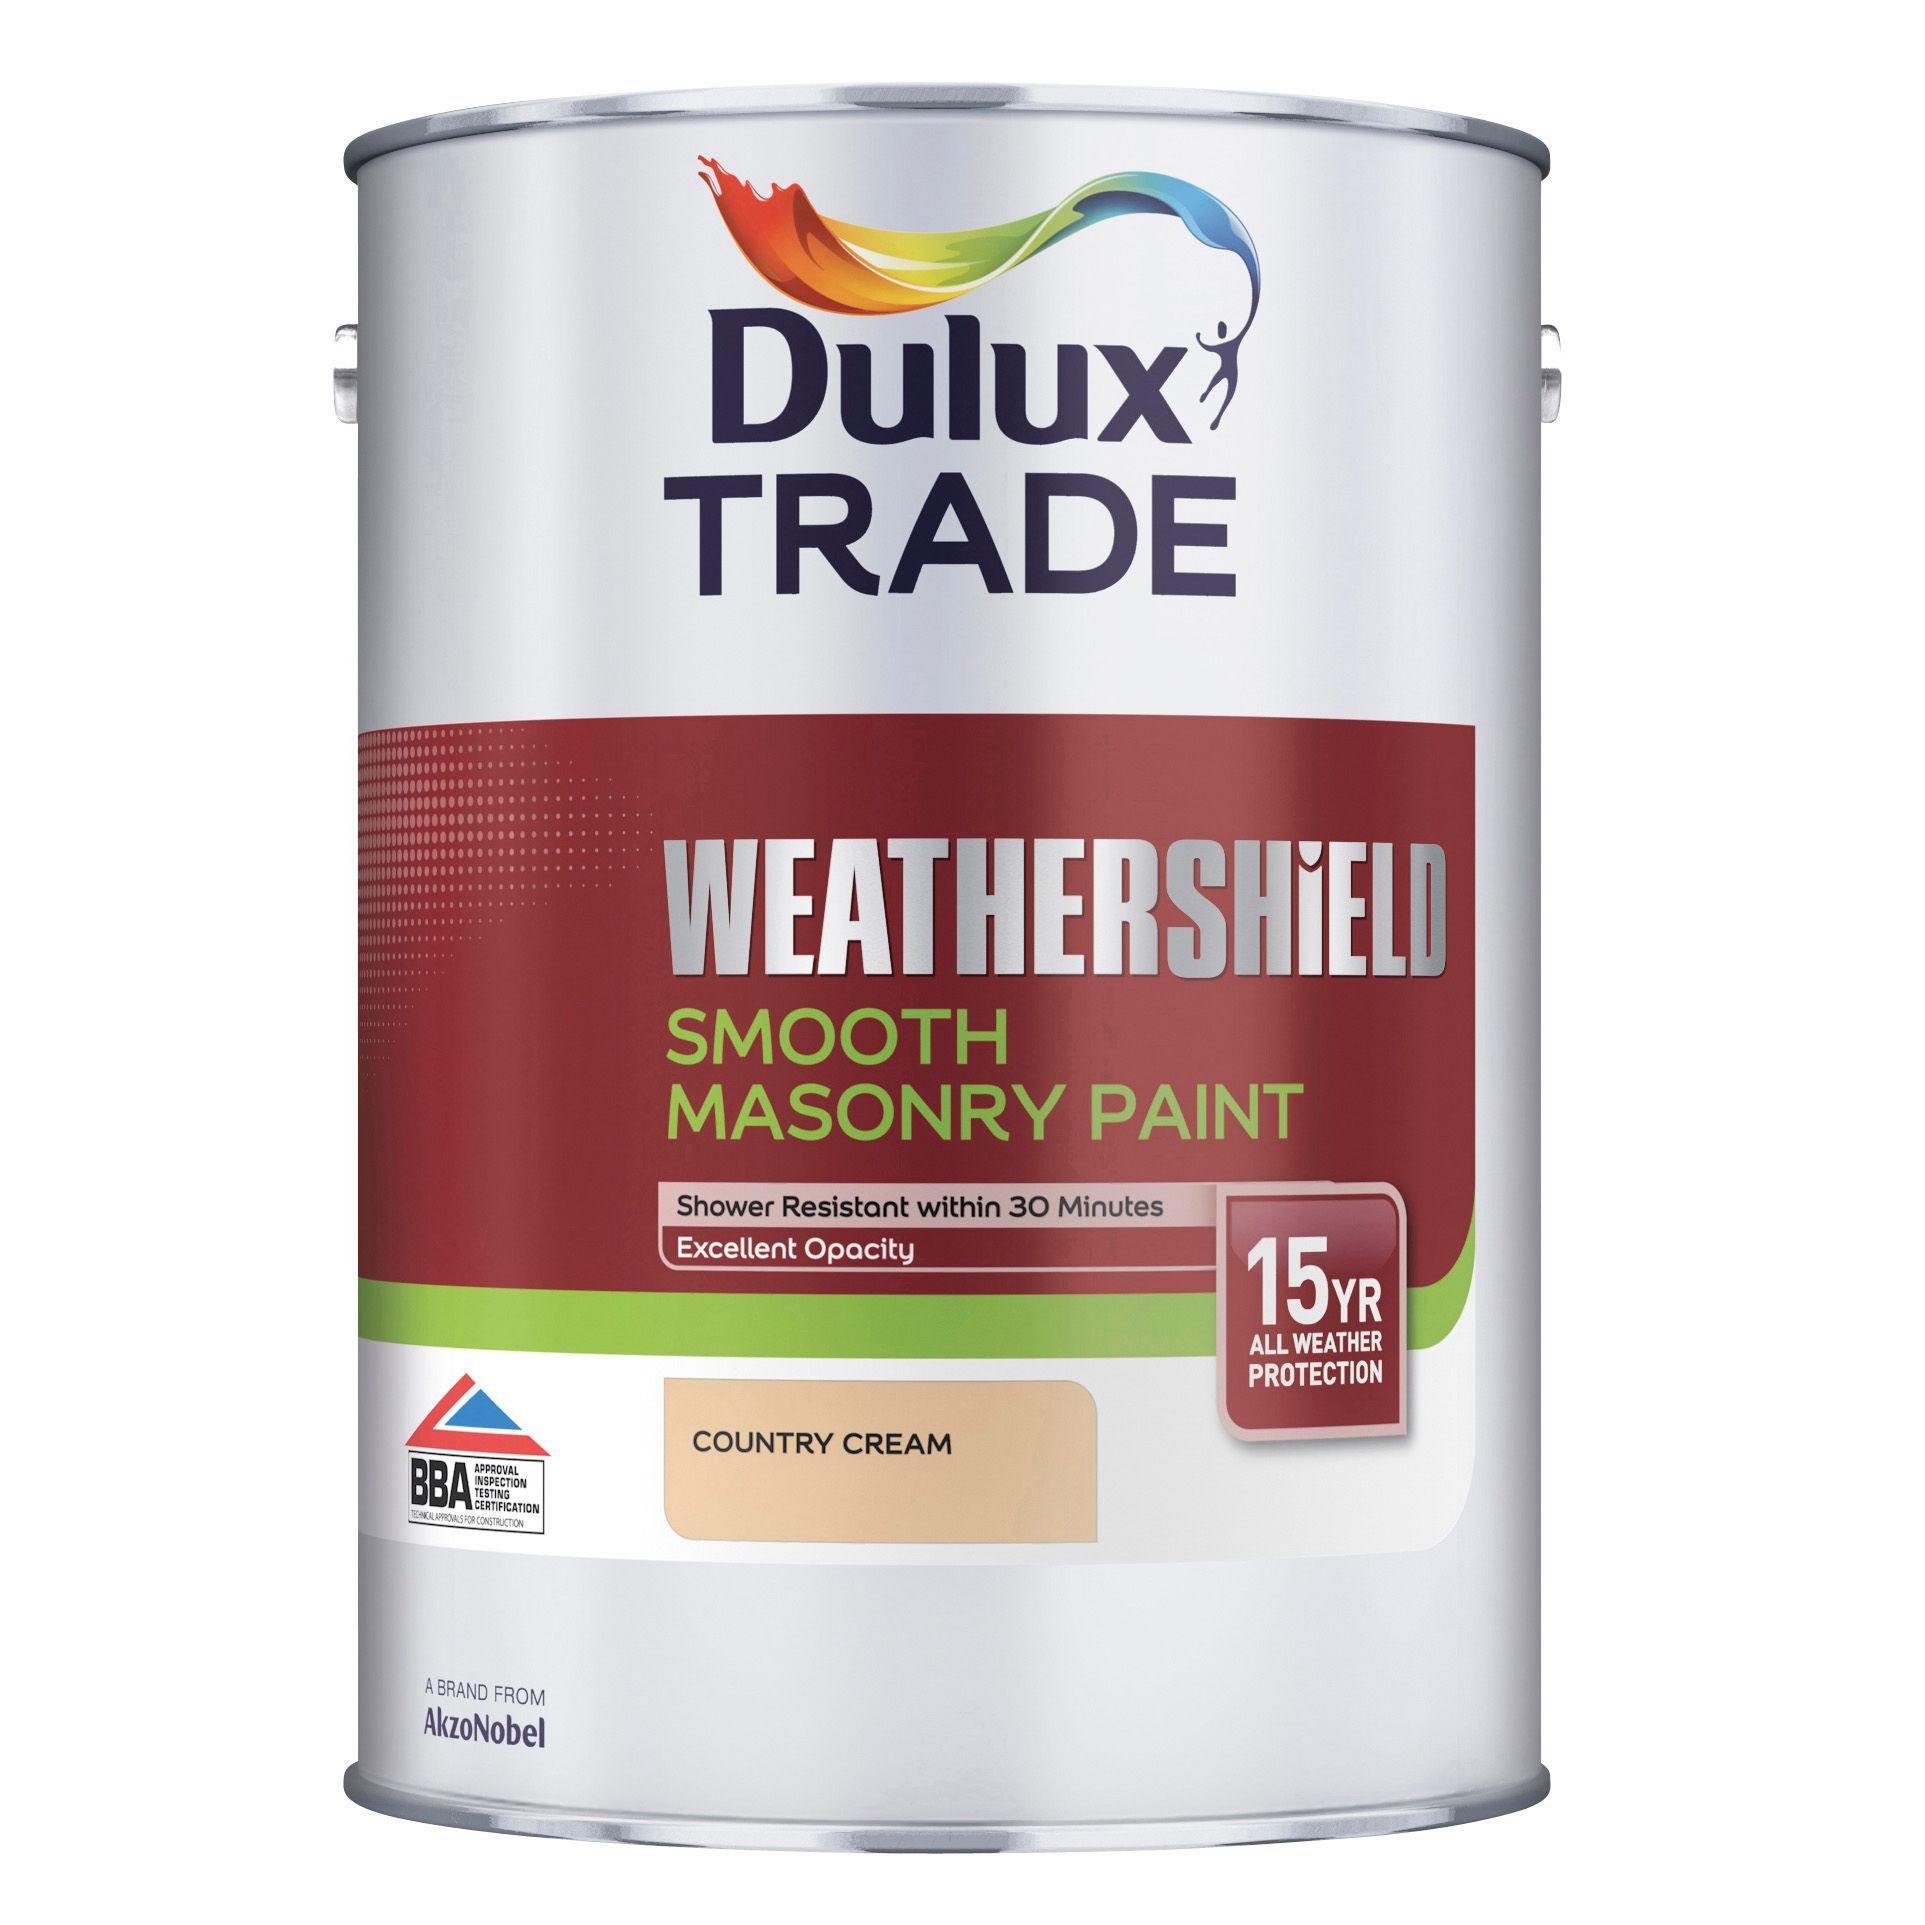 Dulux Trade Weathershield Country Cream Masonry Paint